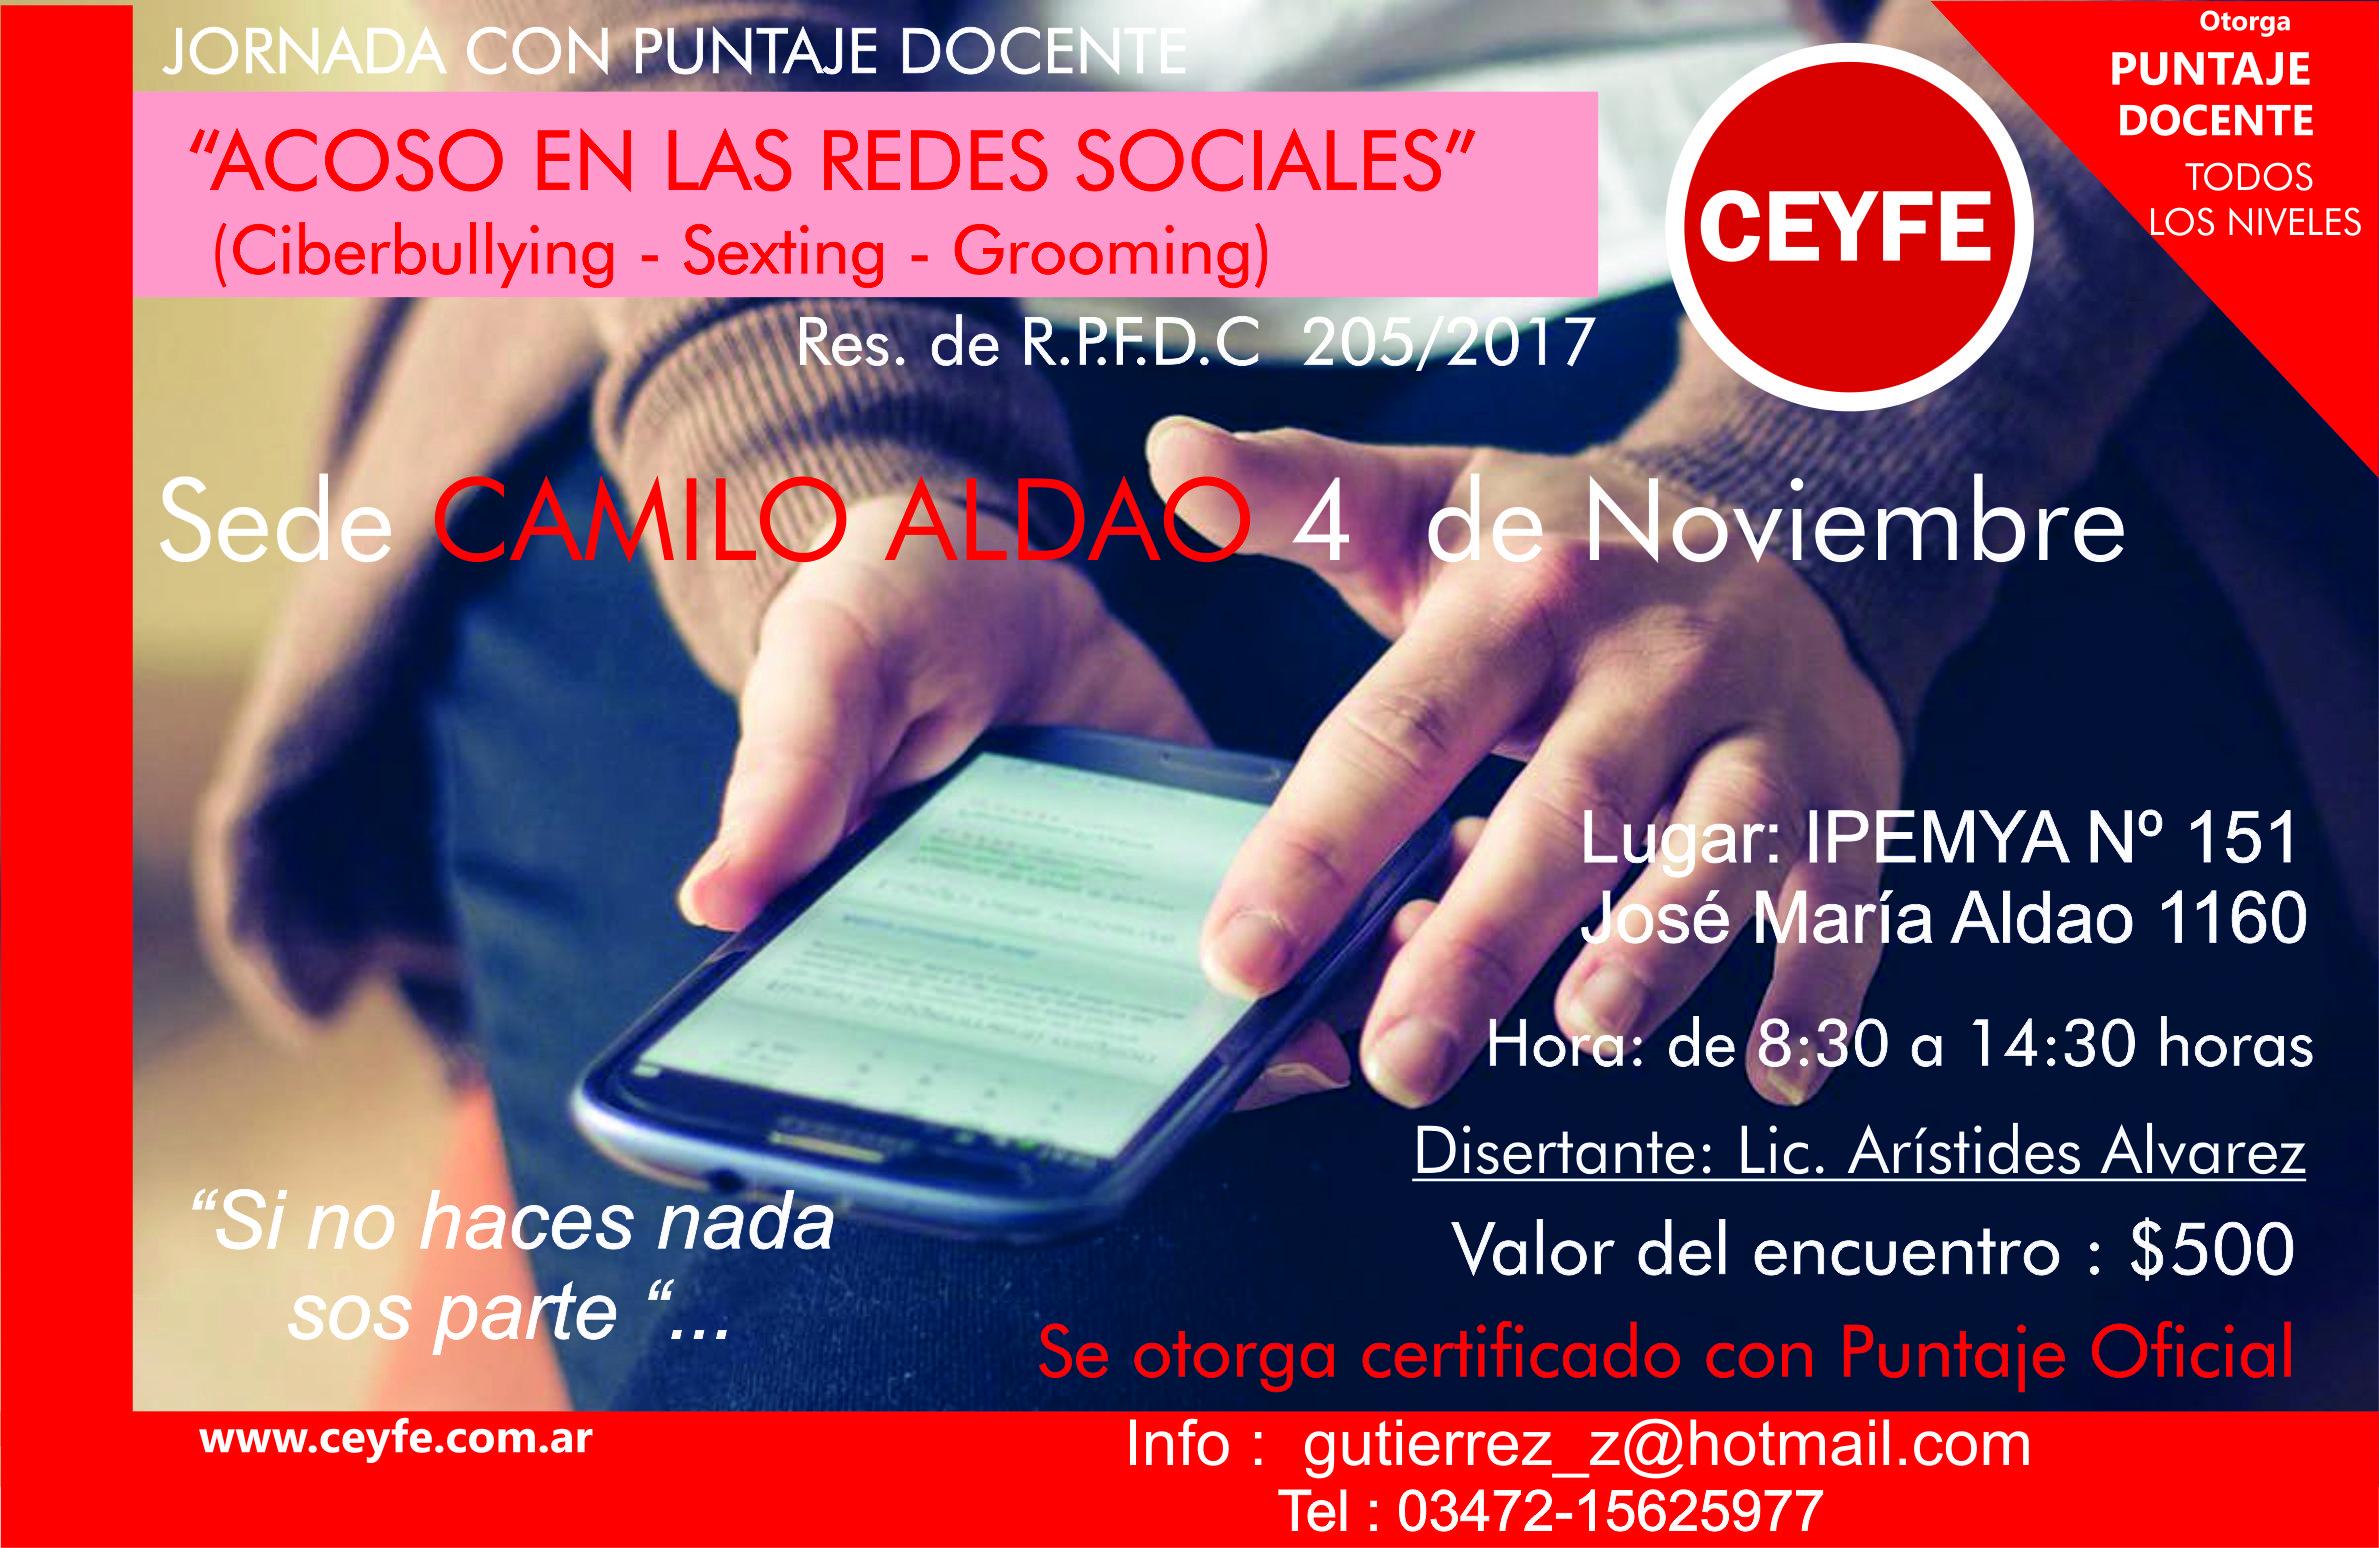 Jornada con puntaje oficial «Acoso en las redes sociales» en Sedes: Camilo Aldao y Villa Maria